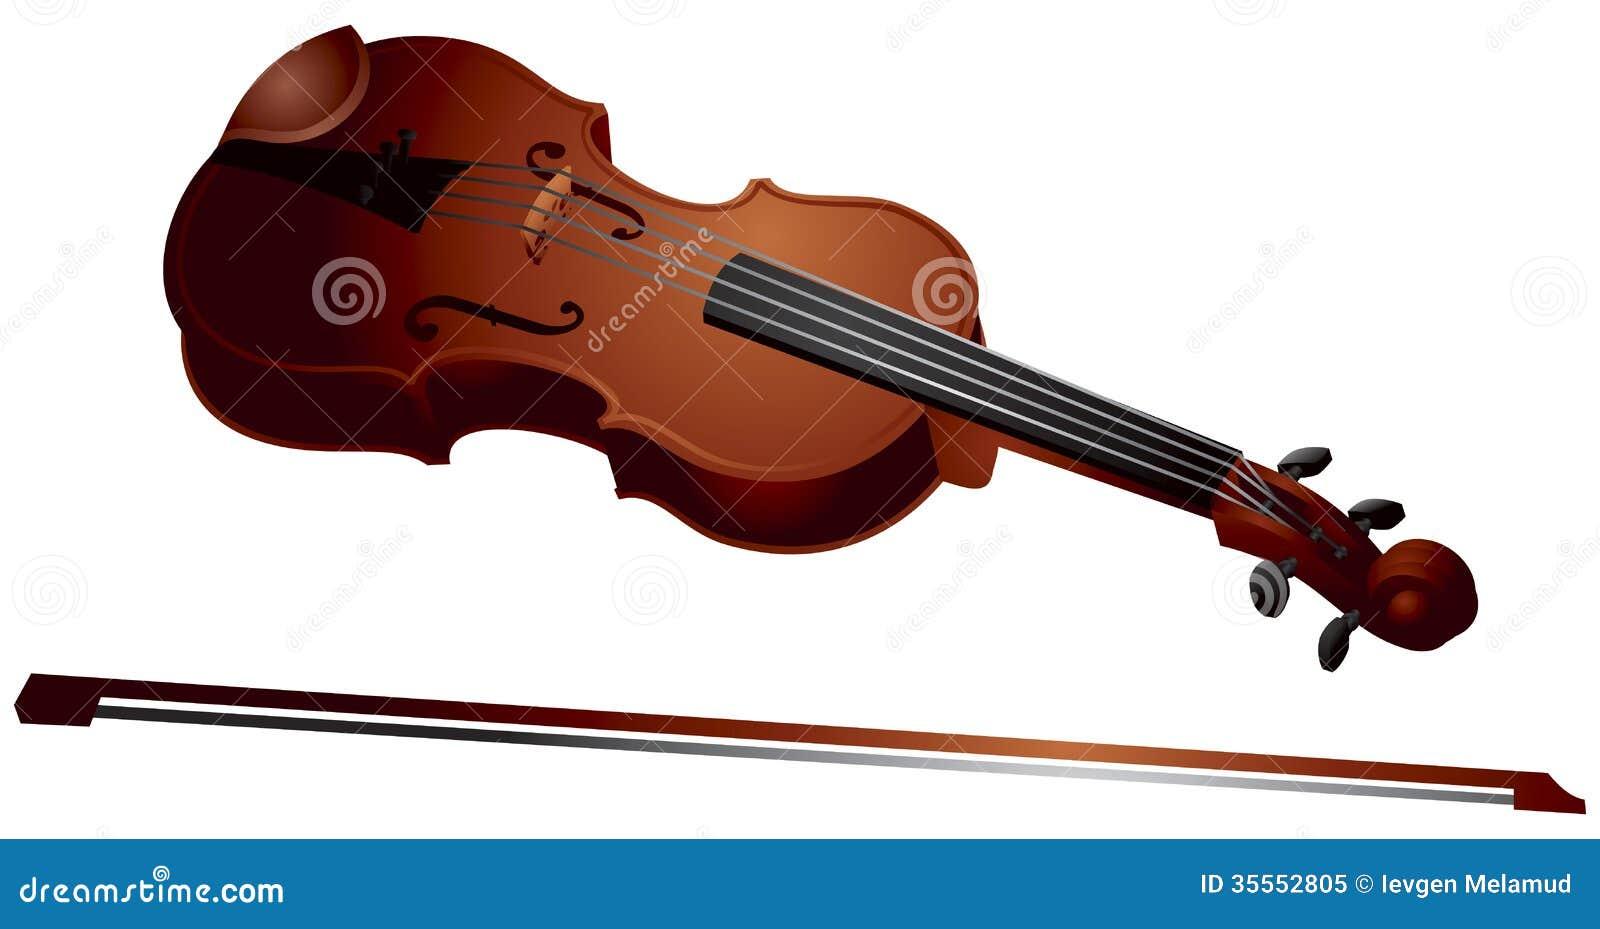 Violin Bow Clipart Violin Royalty Free Stock